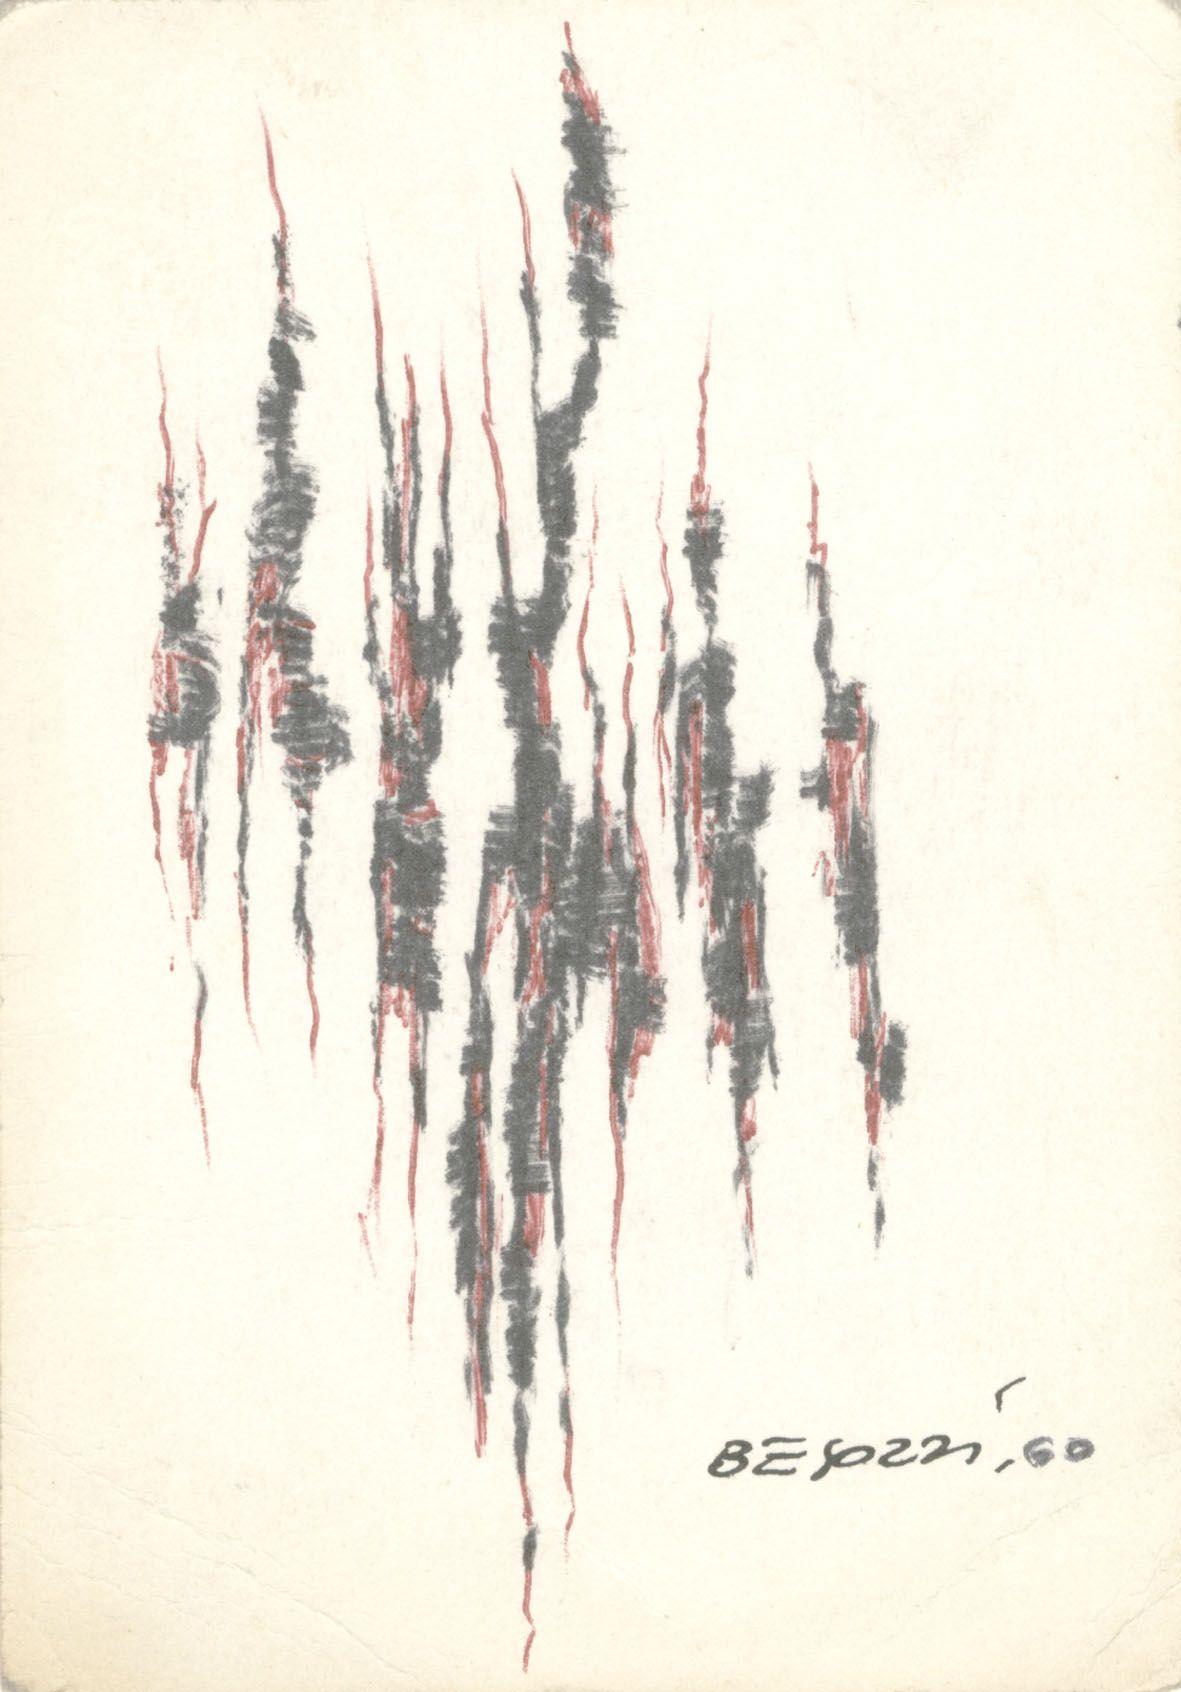 """E. Besozzi pitt. 1960 Immagine vegetale pennarello firma in basso a destra e biro su cartoncino cm. 11,9x8,2 arc. 240 Bibliografia: M. Bonfantini, F. Gualdoni, monografia """"Il Fiume di Besozzi""""""""Verso il'60"""" 1994 pp.13 rip."""